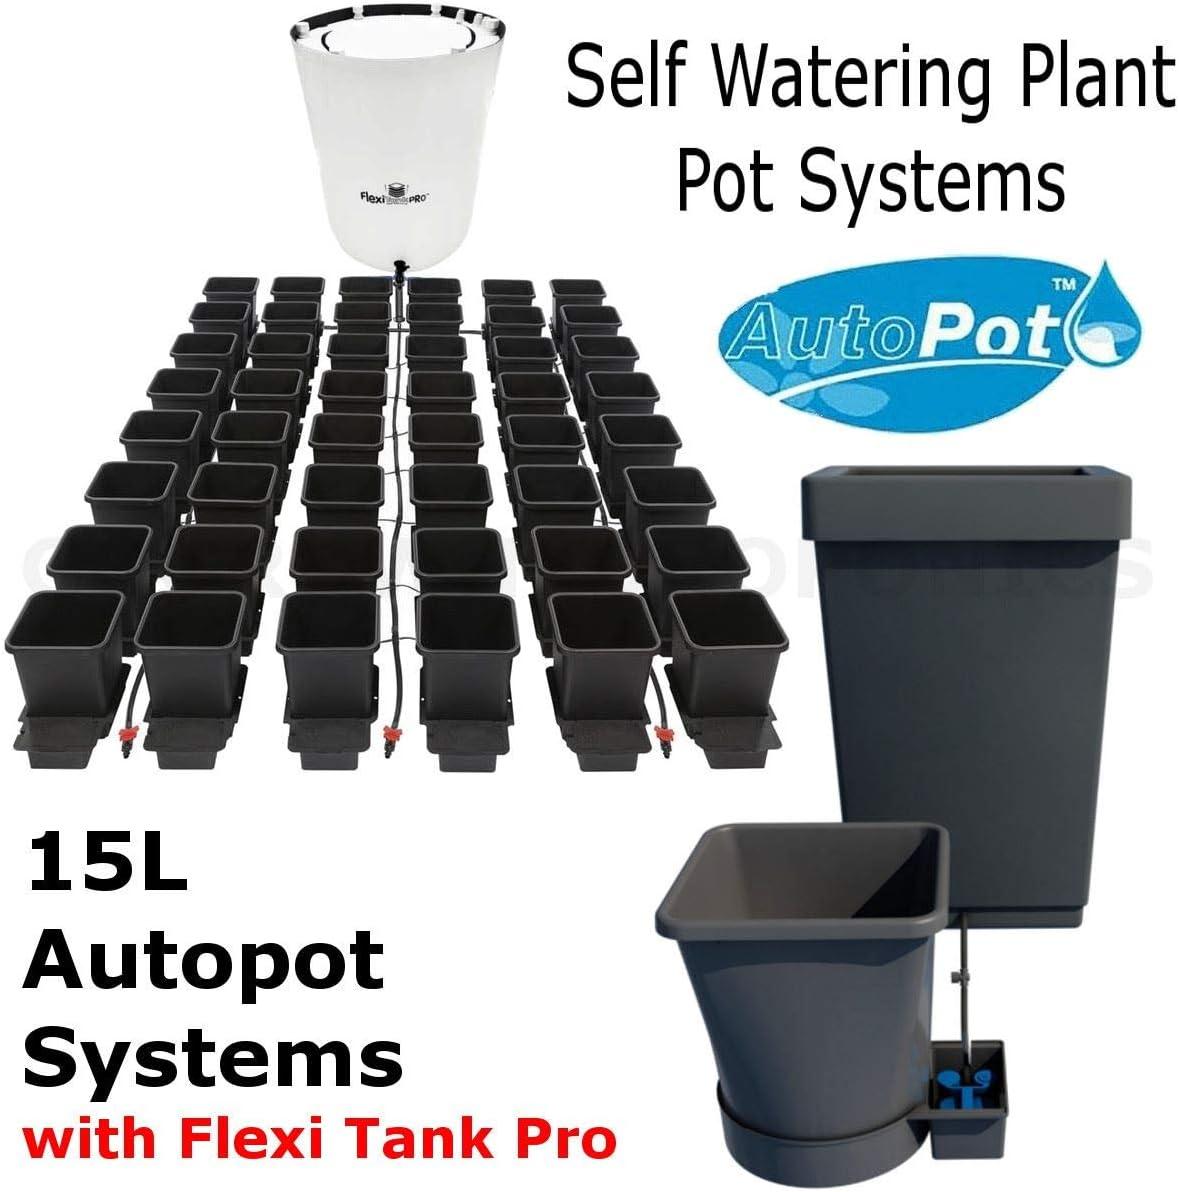 AUTO POT 8 POT  15L GROW SYSTEM SELF FEEDING SYSTEM 1OOL TANK HYDROPONICS